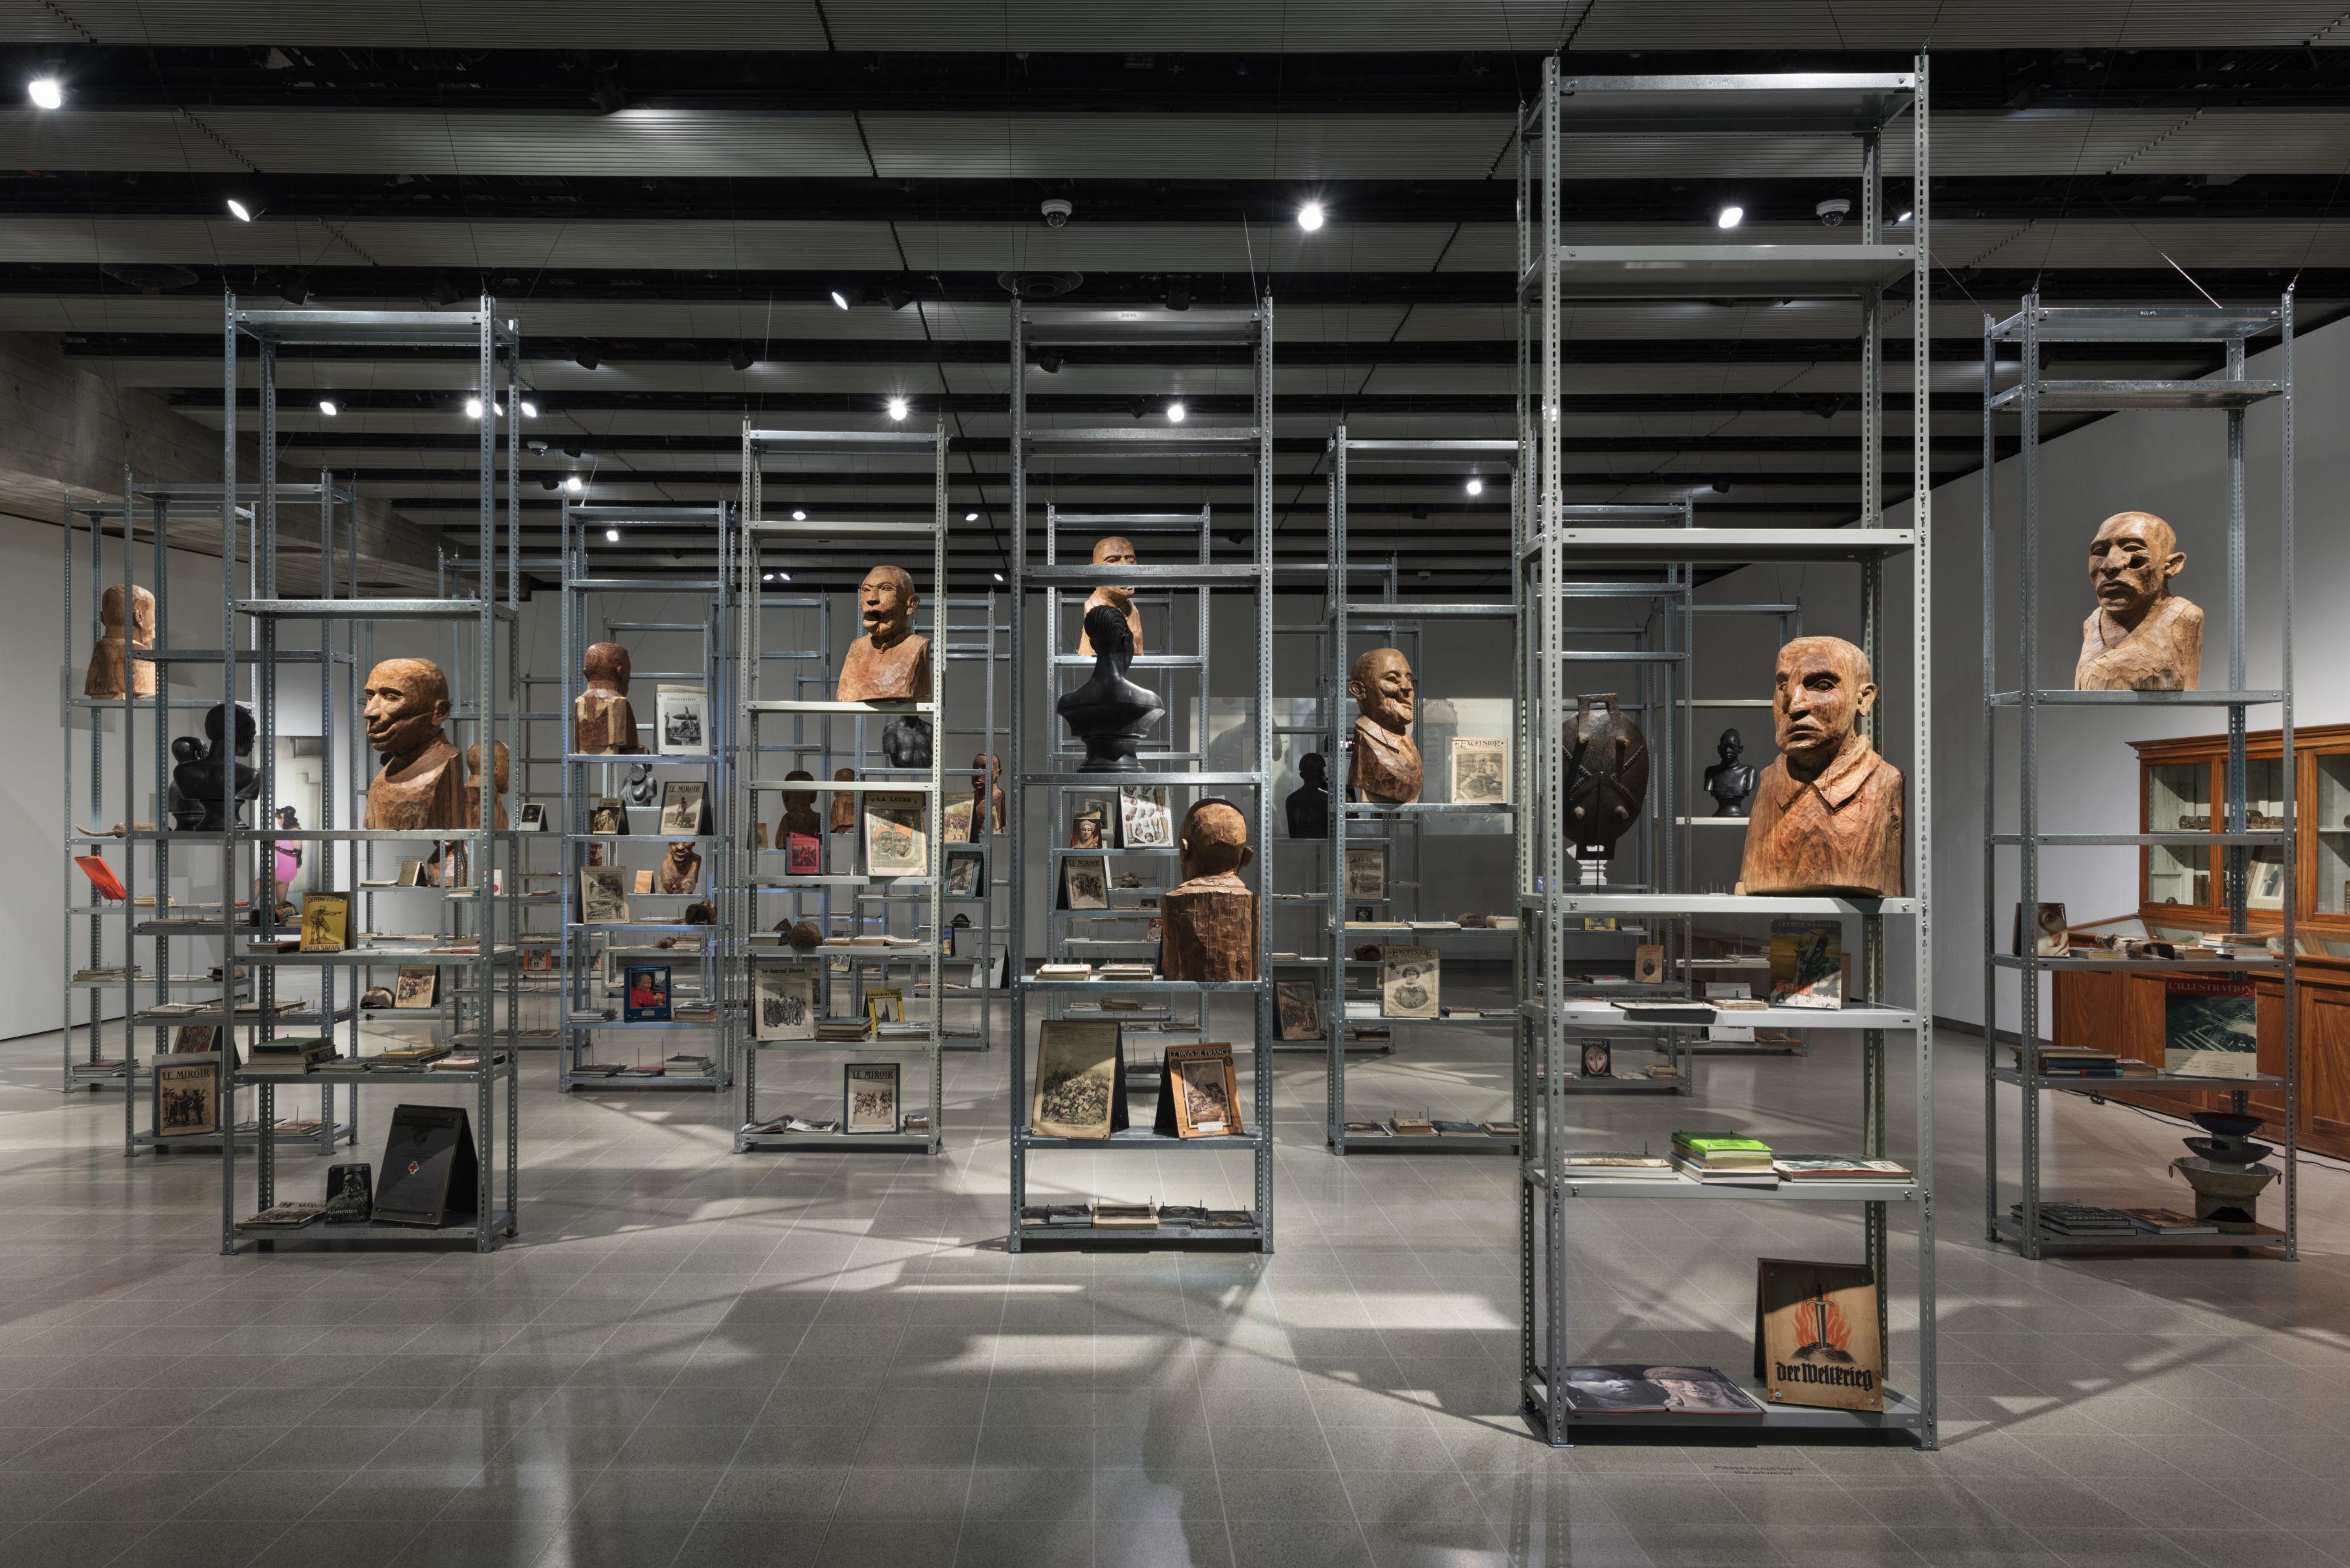 KADER ATTIA, The Museum of Emotion